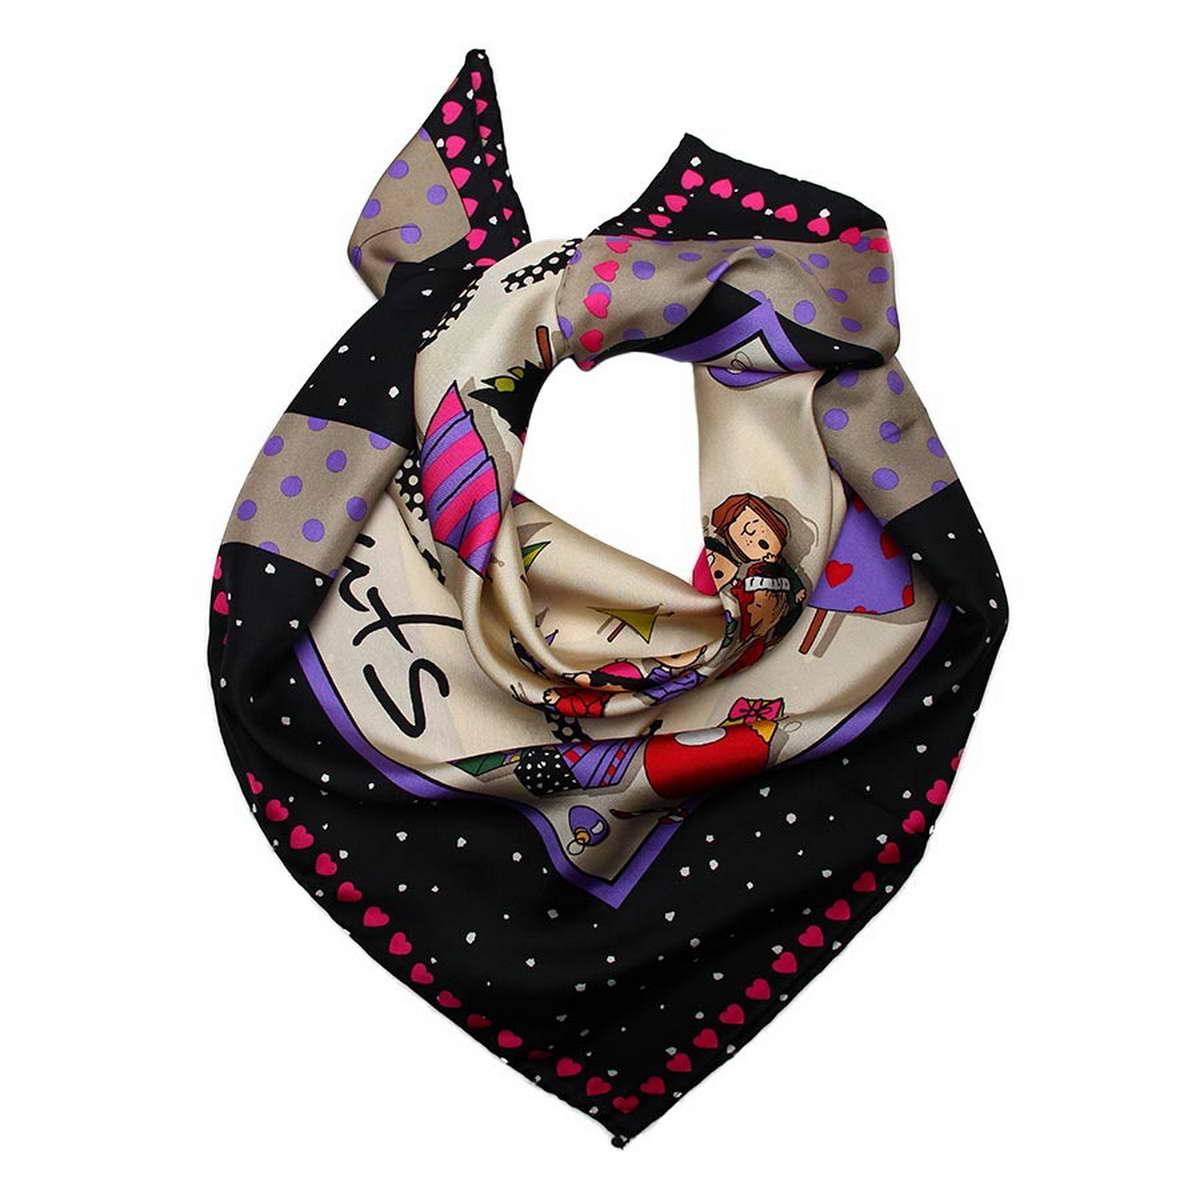 Платок женский Codello, цвет: черный, мультиколор. 1800971-6. Размер 90 см х 90 см1800971-6Стильный женский платок Codello изготовлен из натурального шелка и оформлен оригинальным принтом.Классическая квадратная форма позволяет носить платок на шее, украшать им прическу или декорировать сумочку.Такой платок превосходно дополнит любой наряд и подчеркнет ваш неповторимый вкус и элегантность.